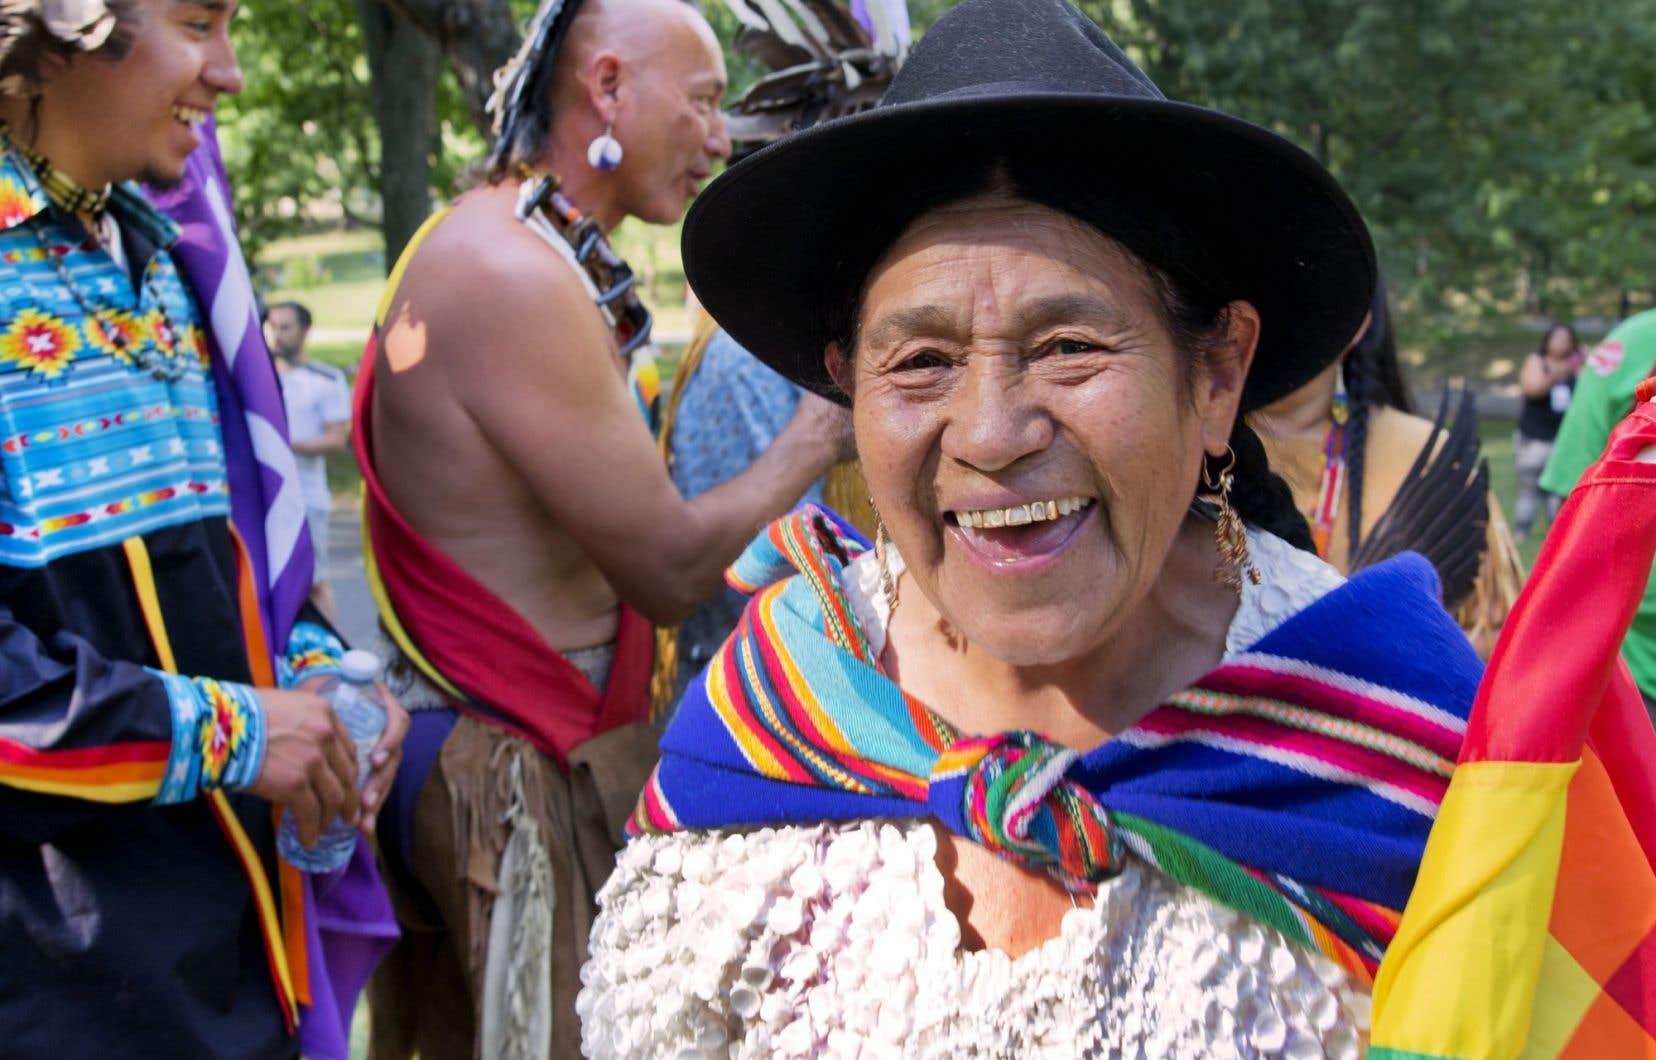 Antonia Rodriguez, autochtone de Bolivie et ex-ministre du Développement productif et de l'Économie plurielle sous le président Evo Morales, a pris place aux côtés de la délégation mohawk à la tête de la marche inaugurale du Forum social mondial, mardi à Montréal.